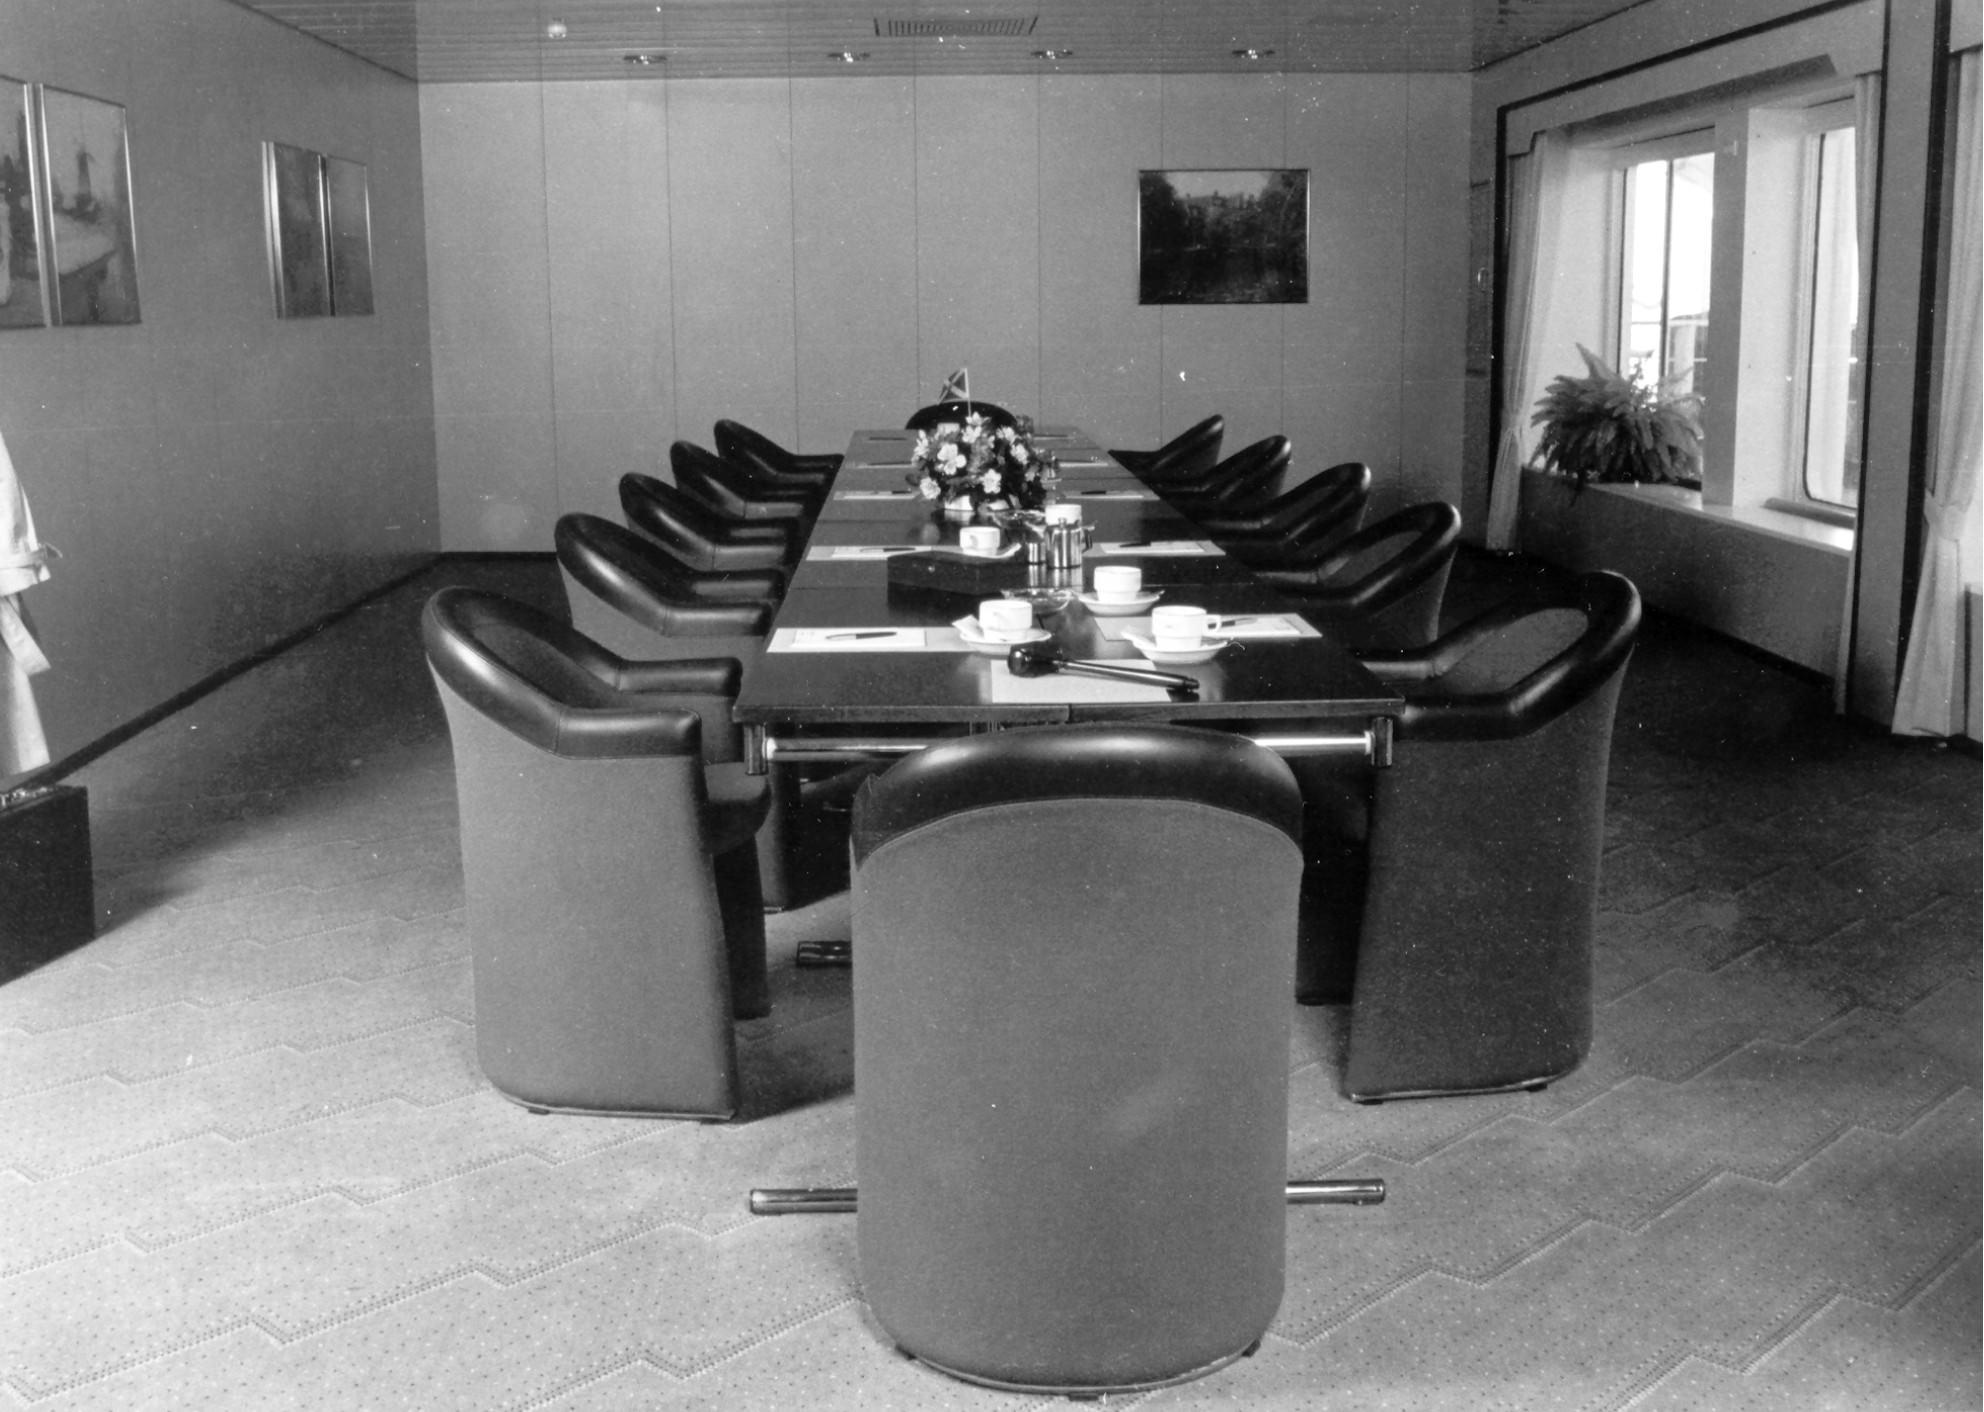 KONINGIN BEATRIX 1986-20 Conference room 2 in 1986 kopie